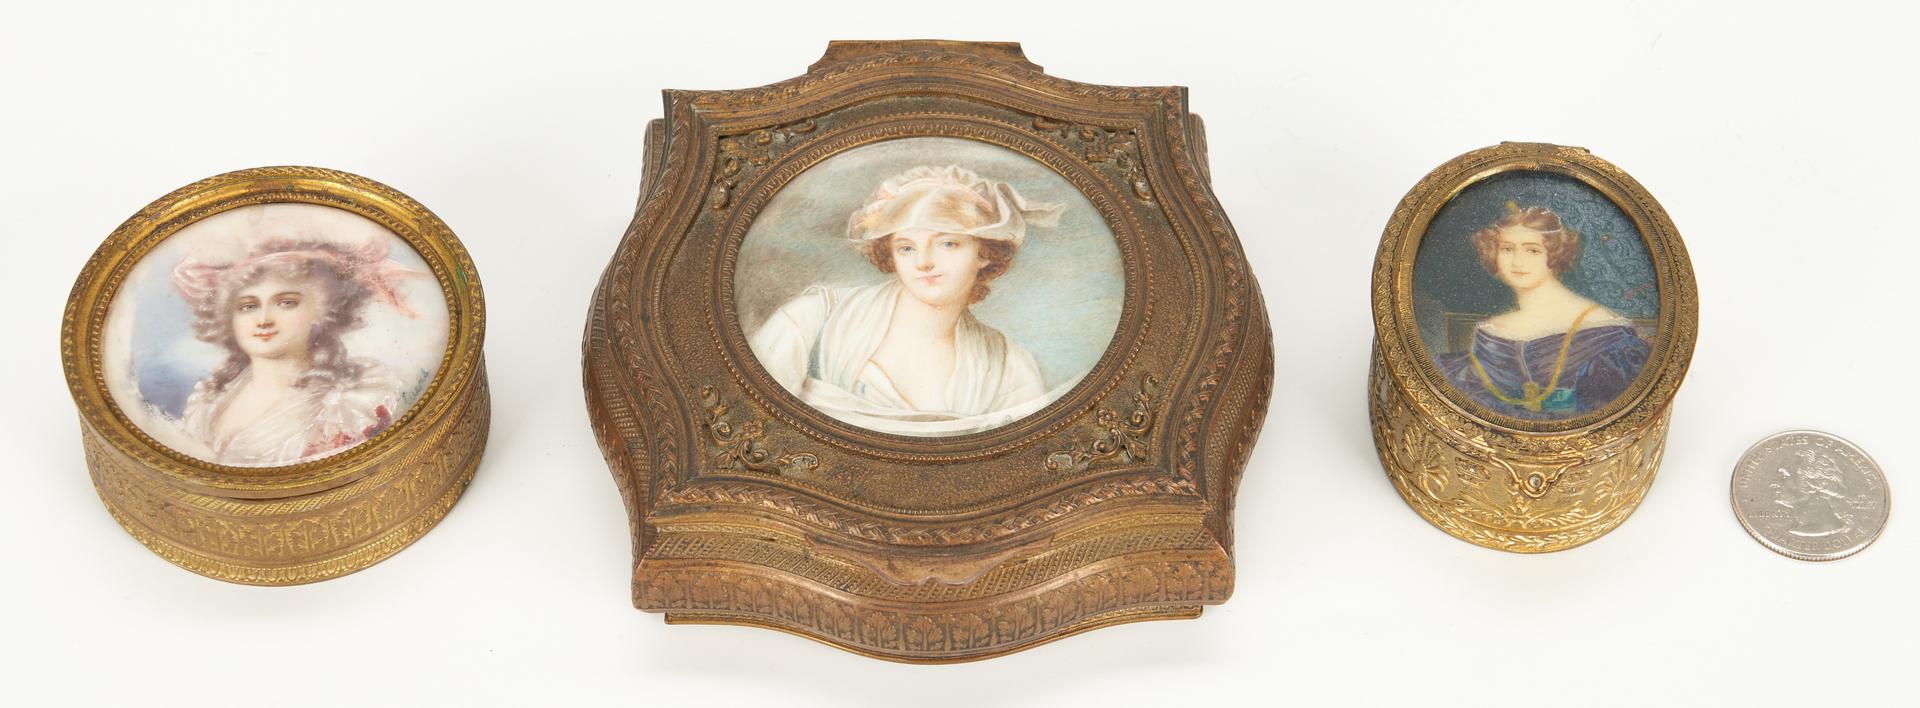 Lot 258: 3 Miniature Portrait Boxes